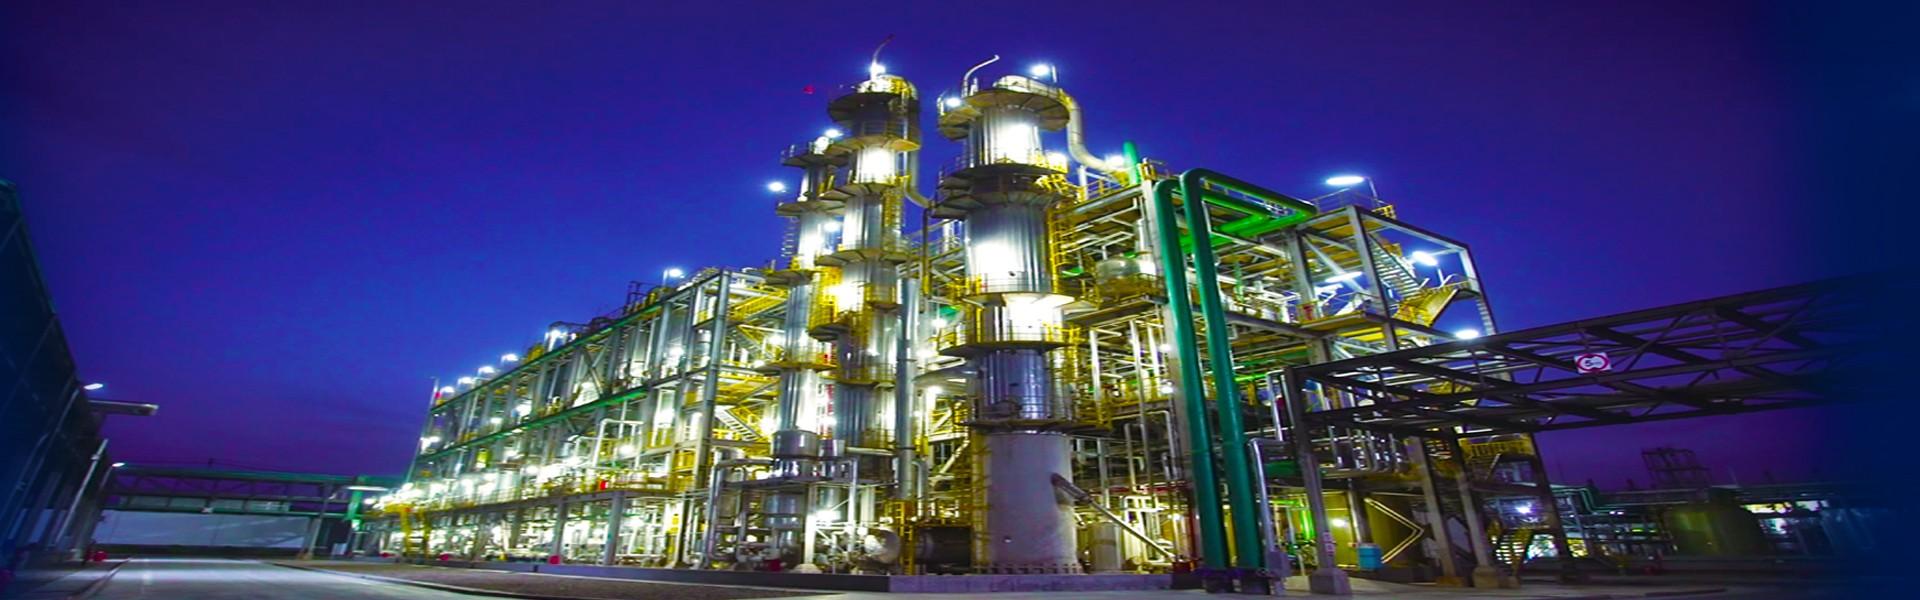 节能环保 捍卫能源